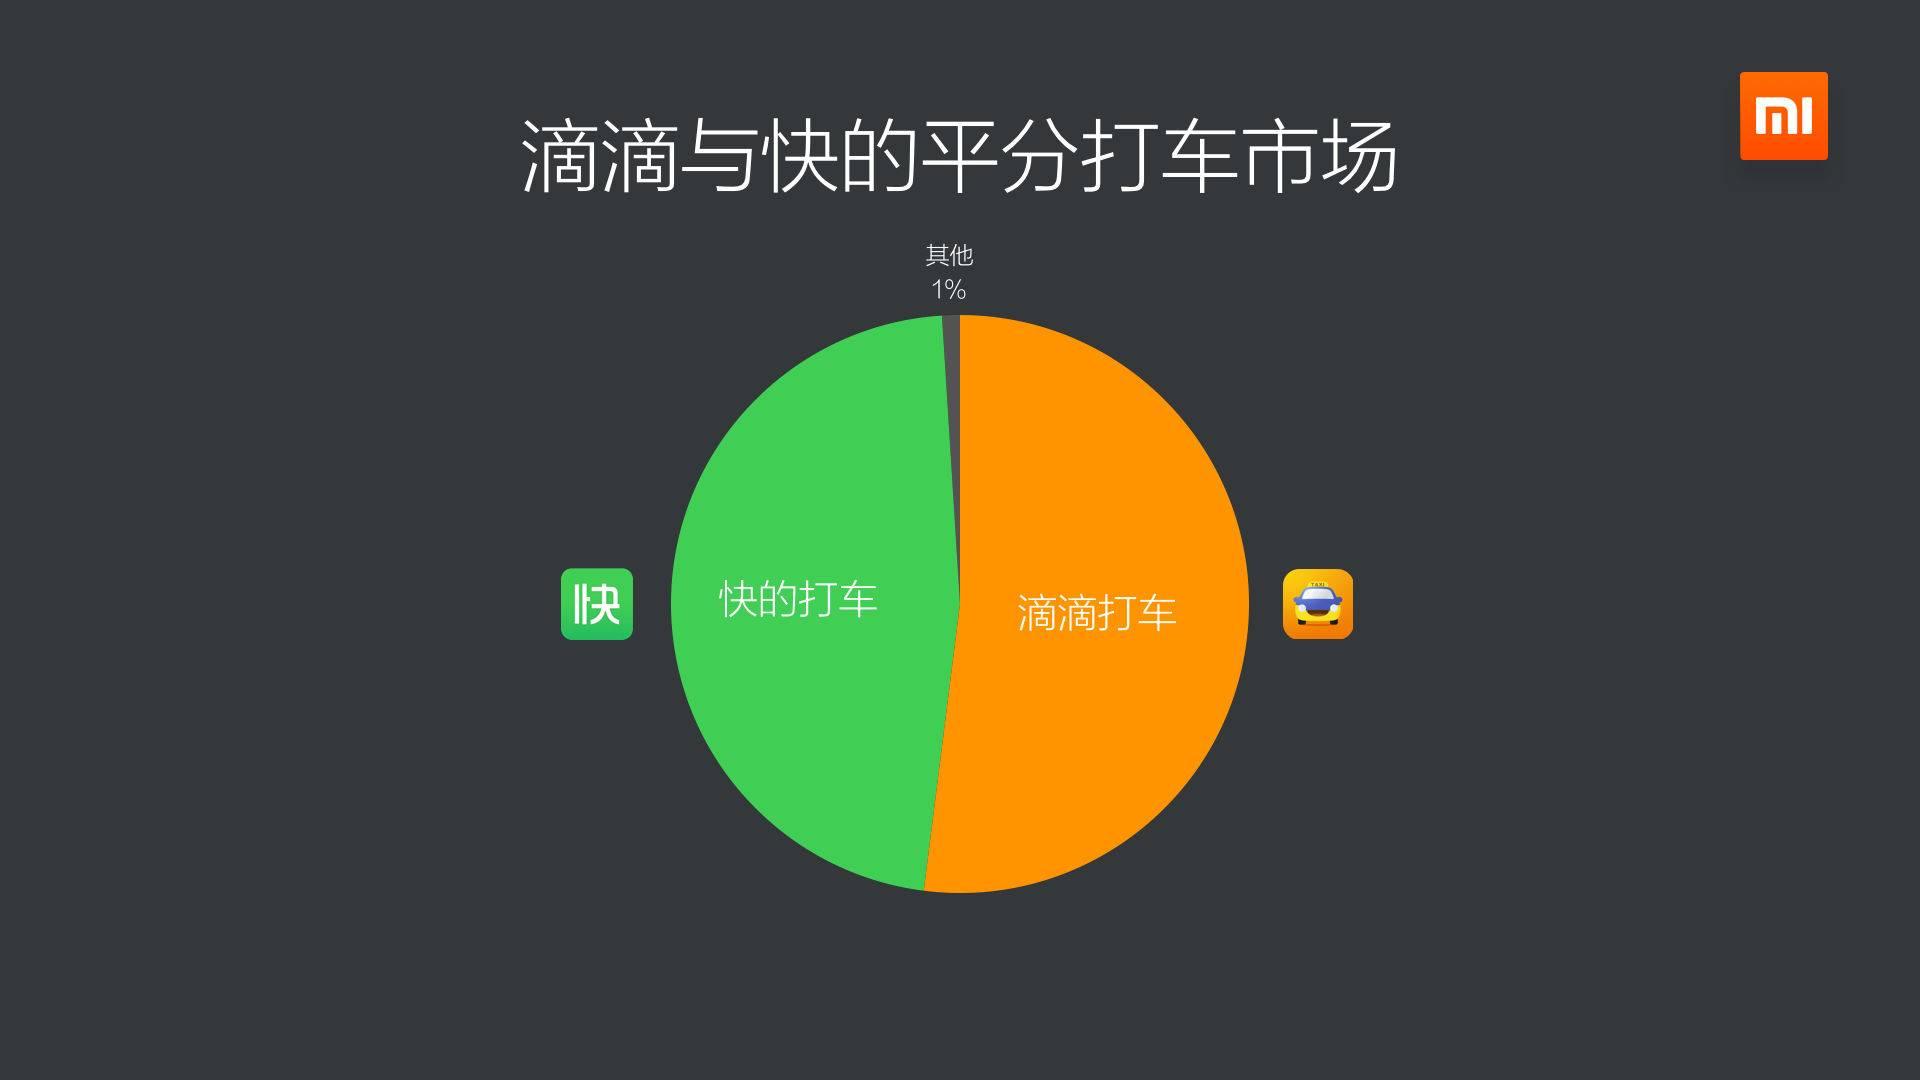 报告解读图1.jpg